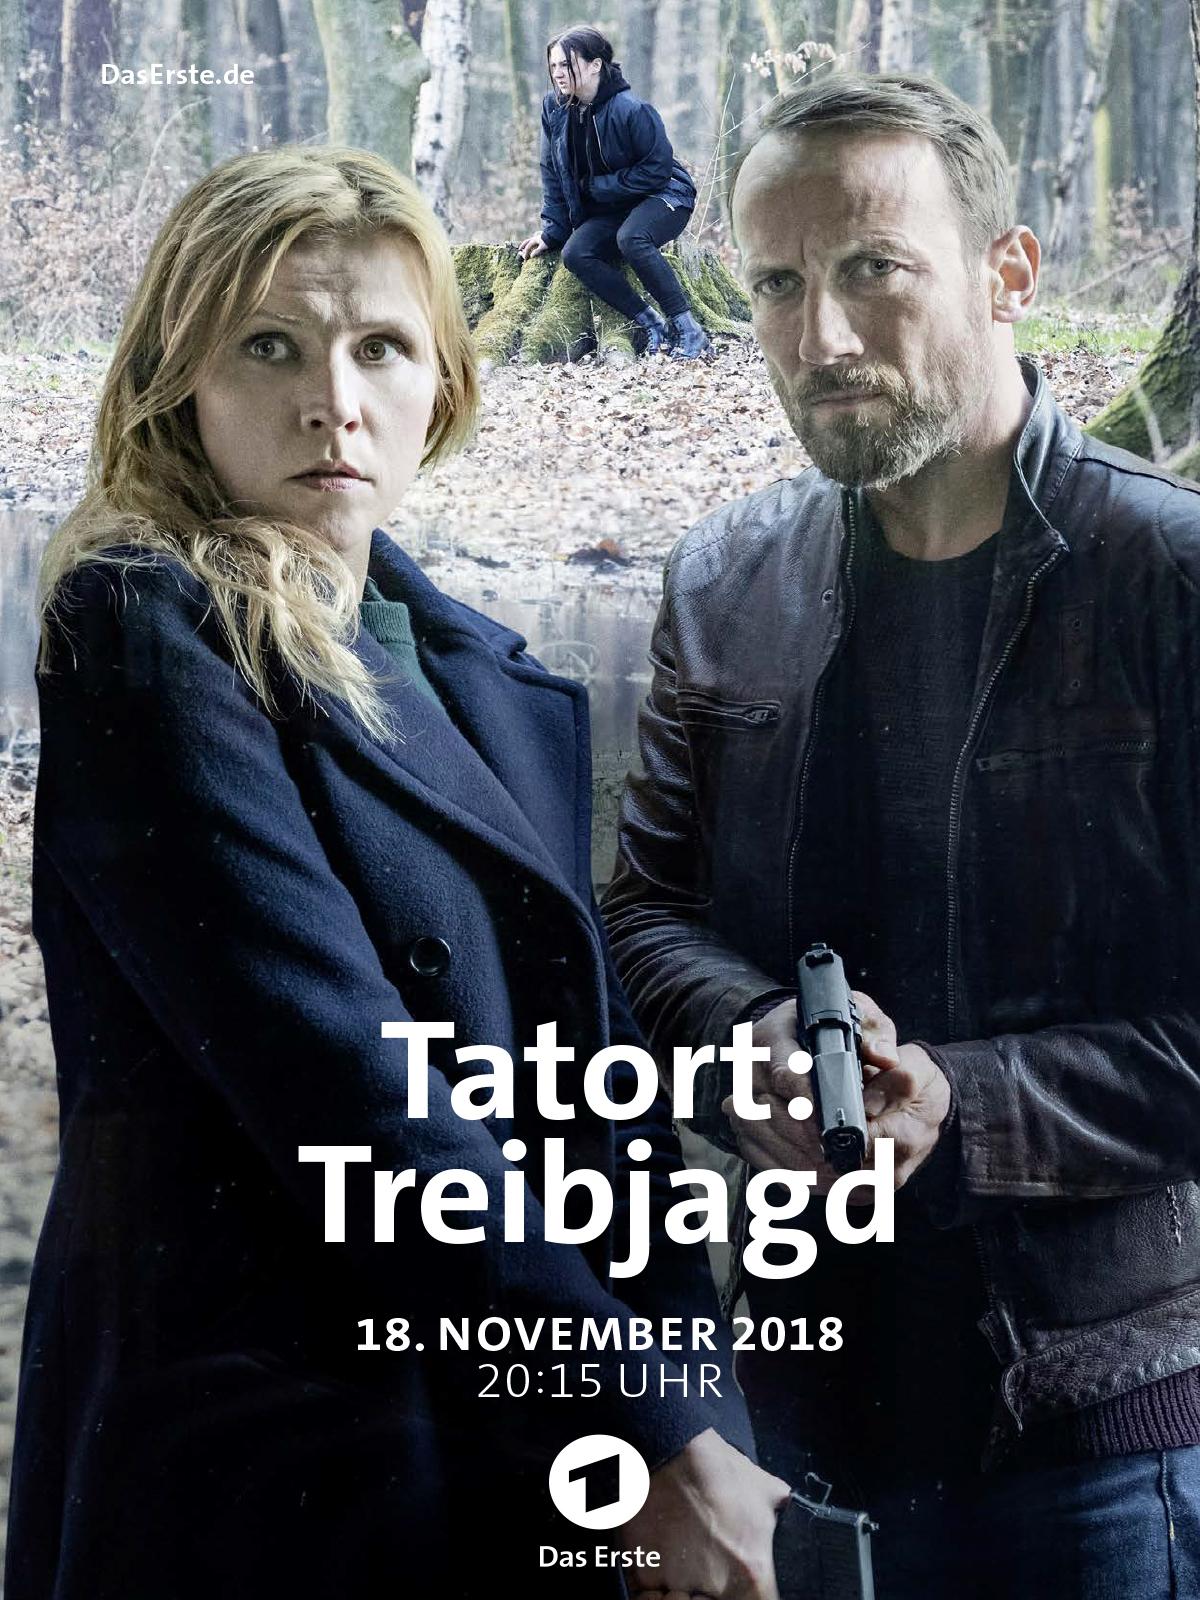 Treibjagd Tatort